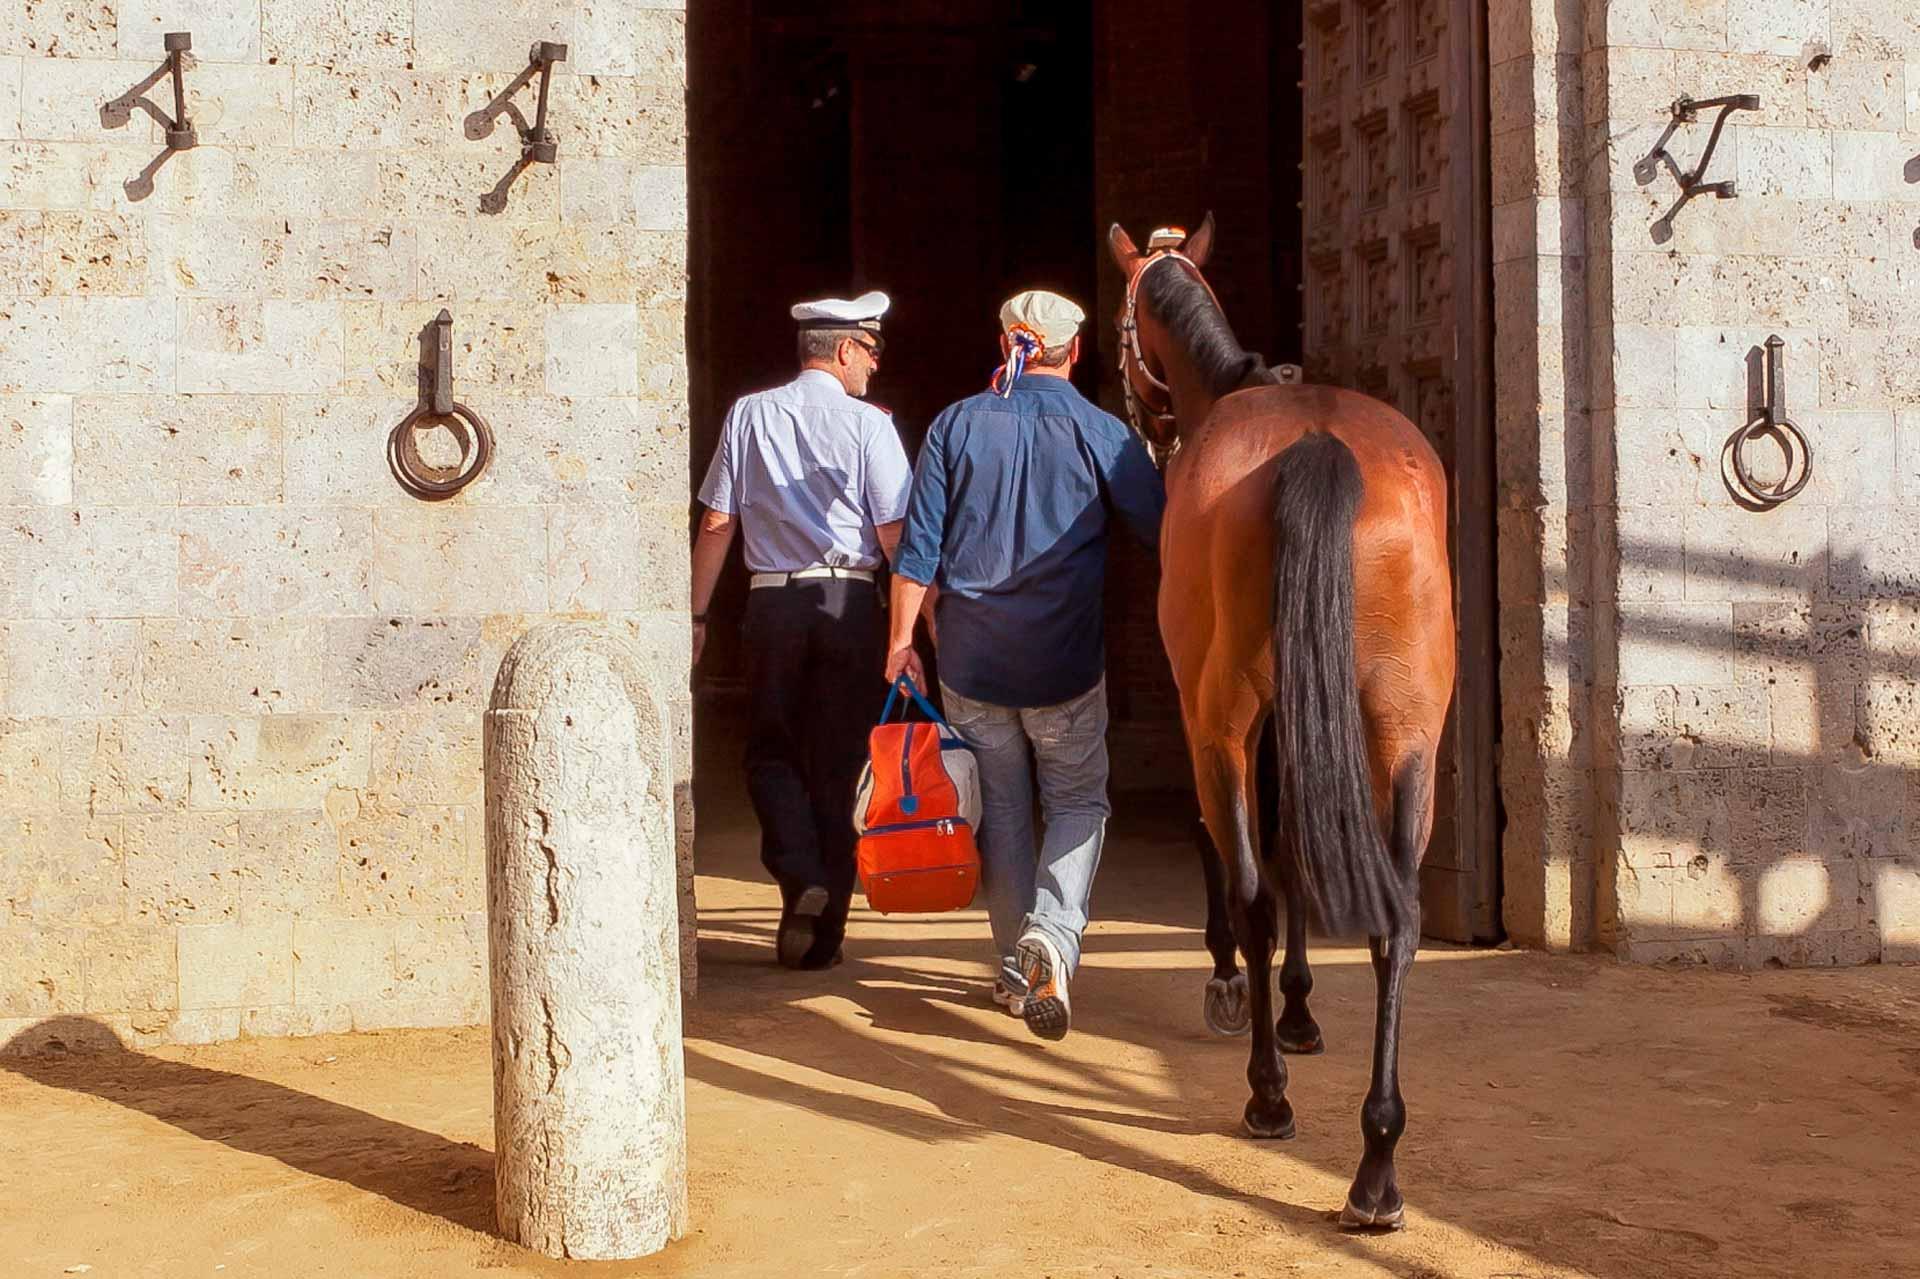 LA PRIMA PROVA - Una volta giunti in Piazza, il barbaresco introduce il cavallo all'interno del cortile del Podestà, dove gli verrà assegnata una postazione, che manterrà per tutte le sei prove previste e il Palio.